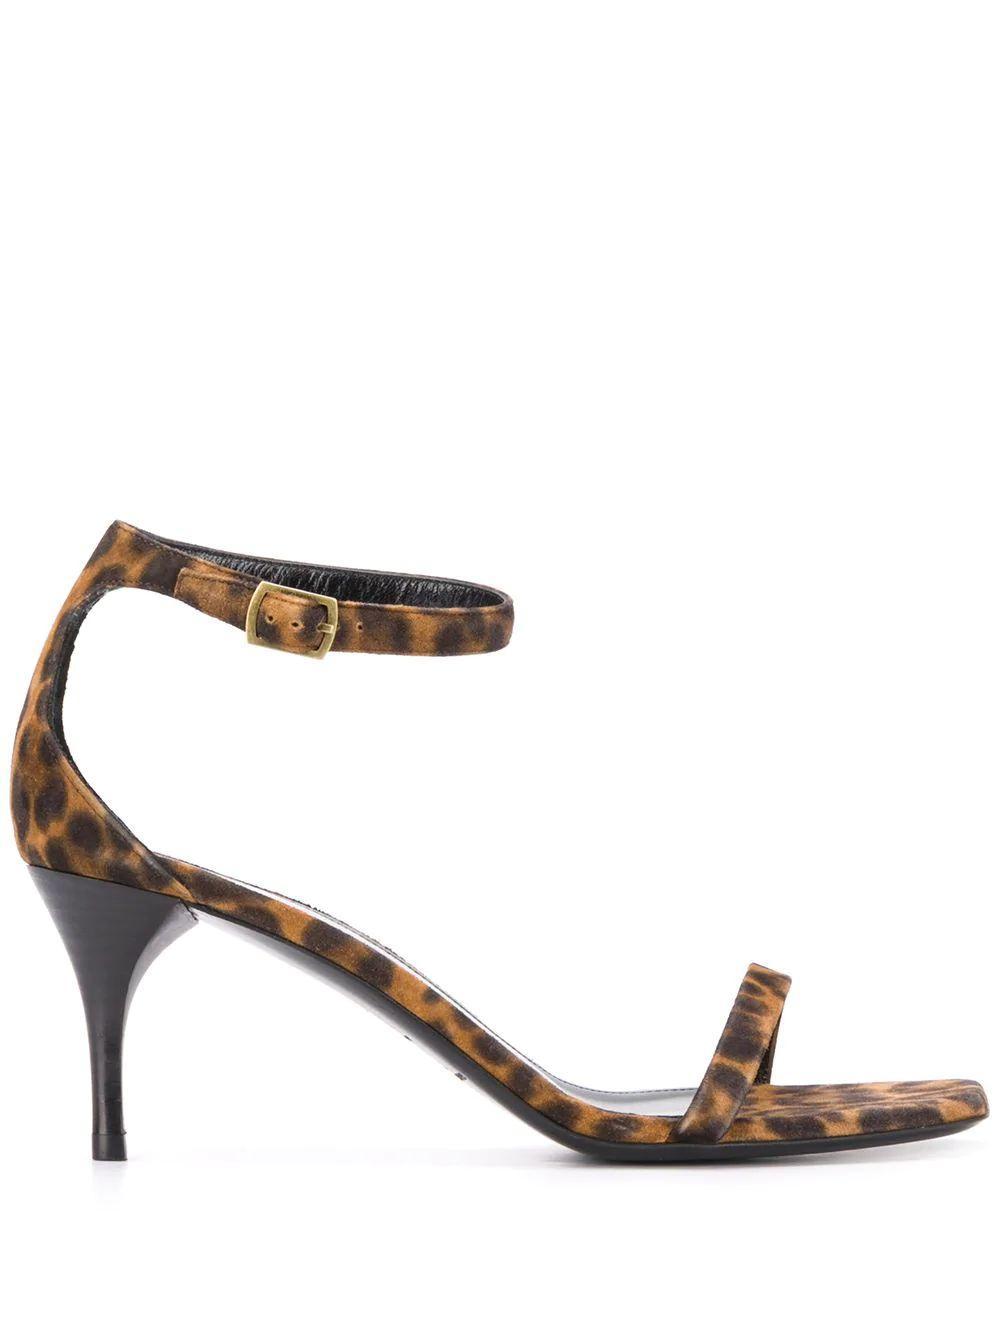 Lexi 65mm Leopard Print Sandal